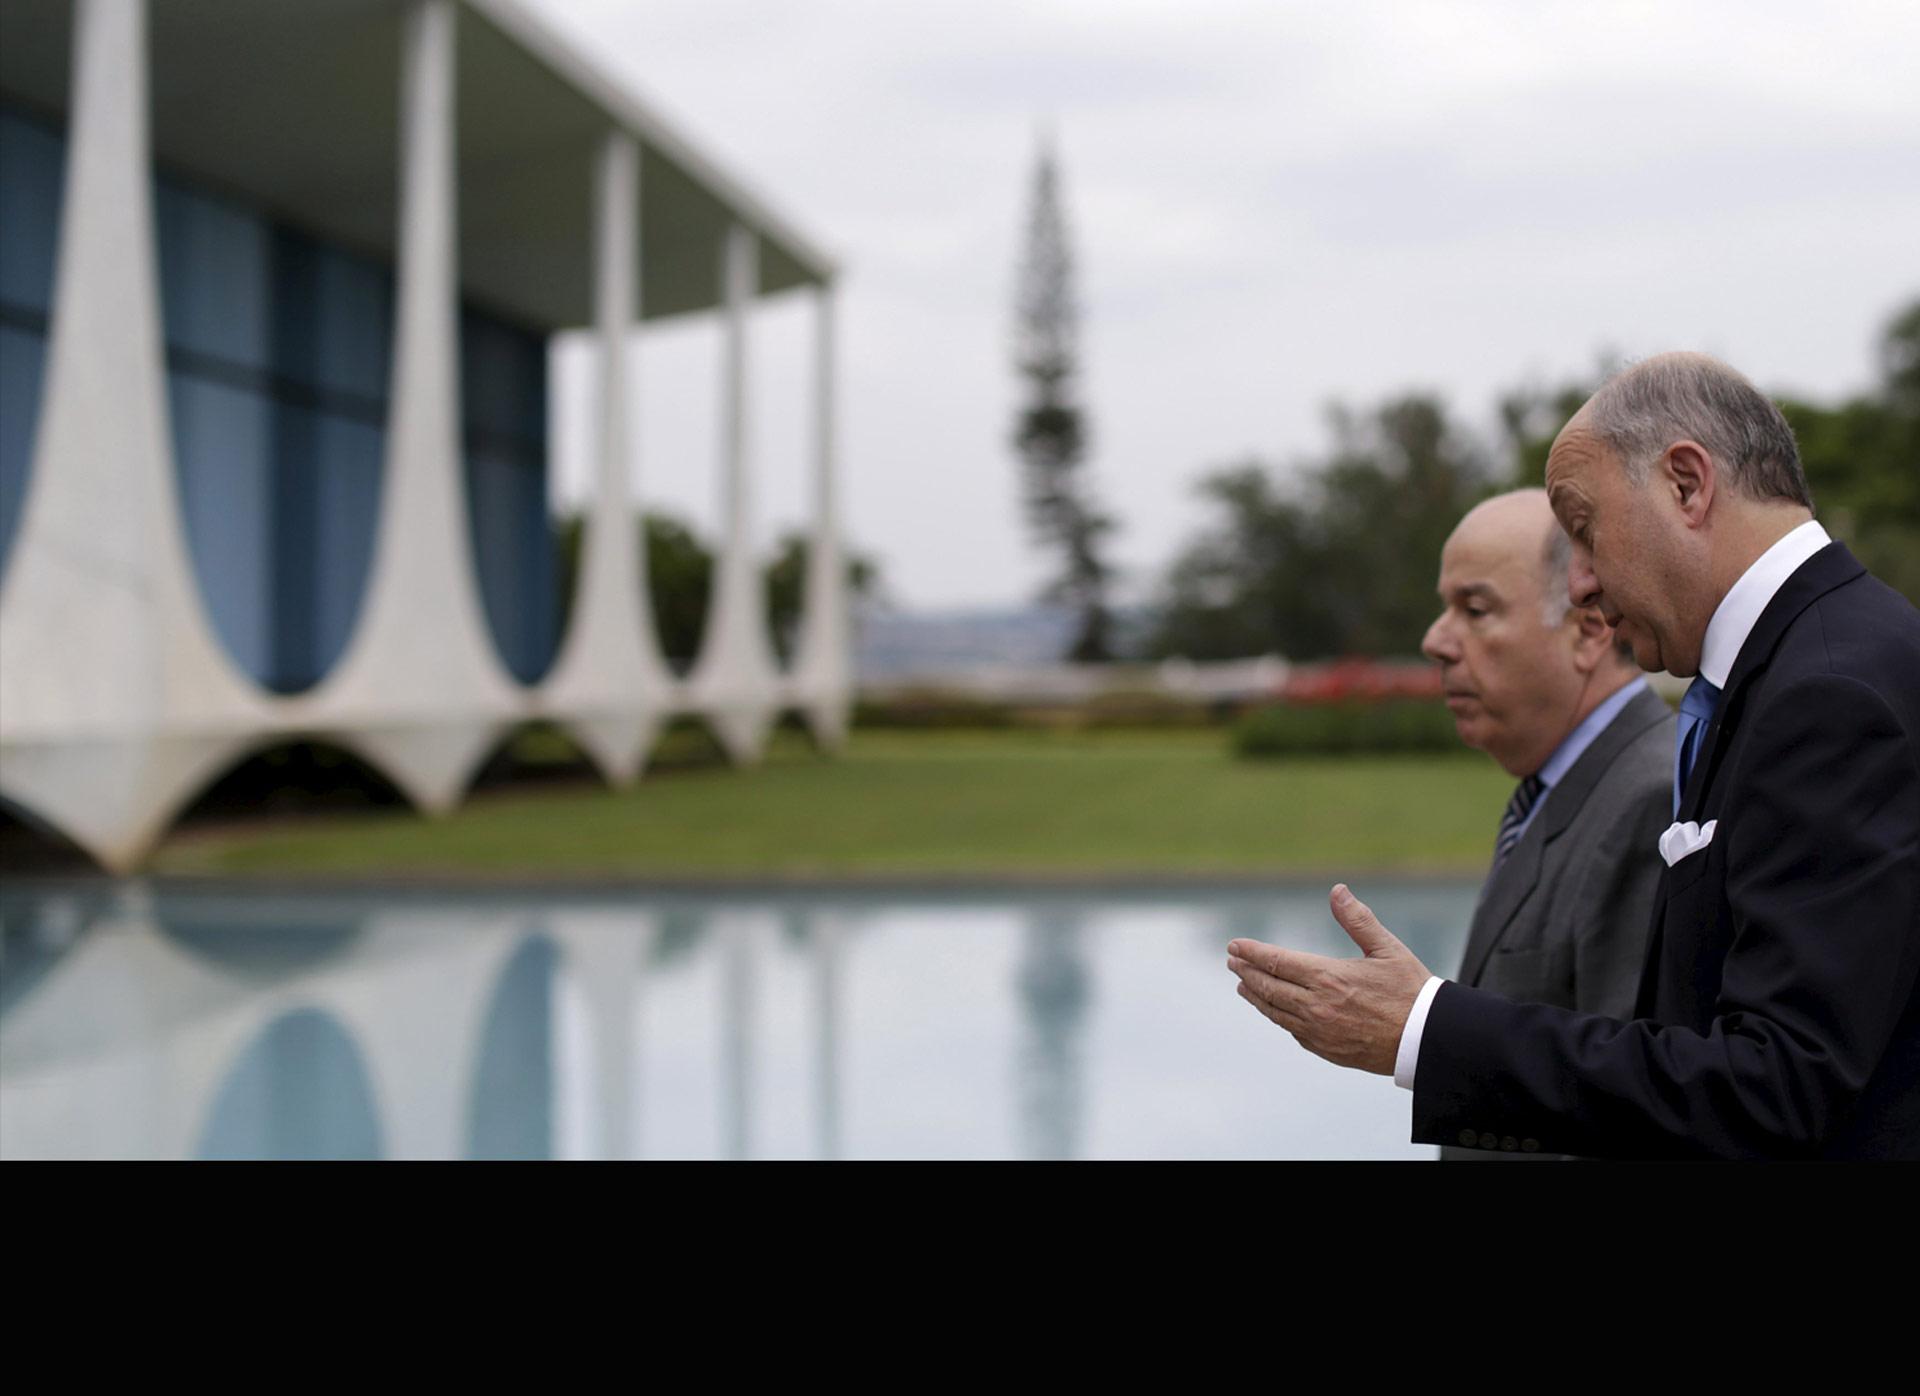 El jefe de la diplomacia brasileña dijo que la oferta del país europeo fue aceptada por Brasilia